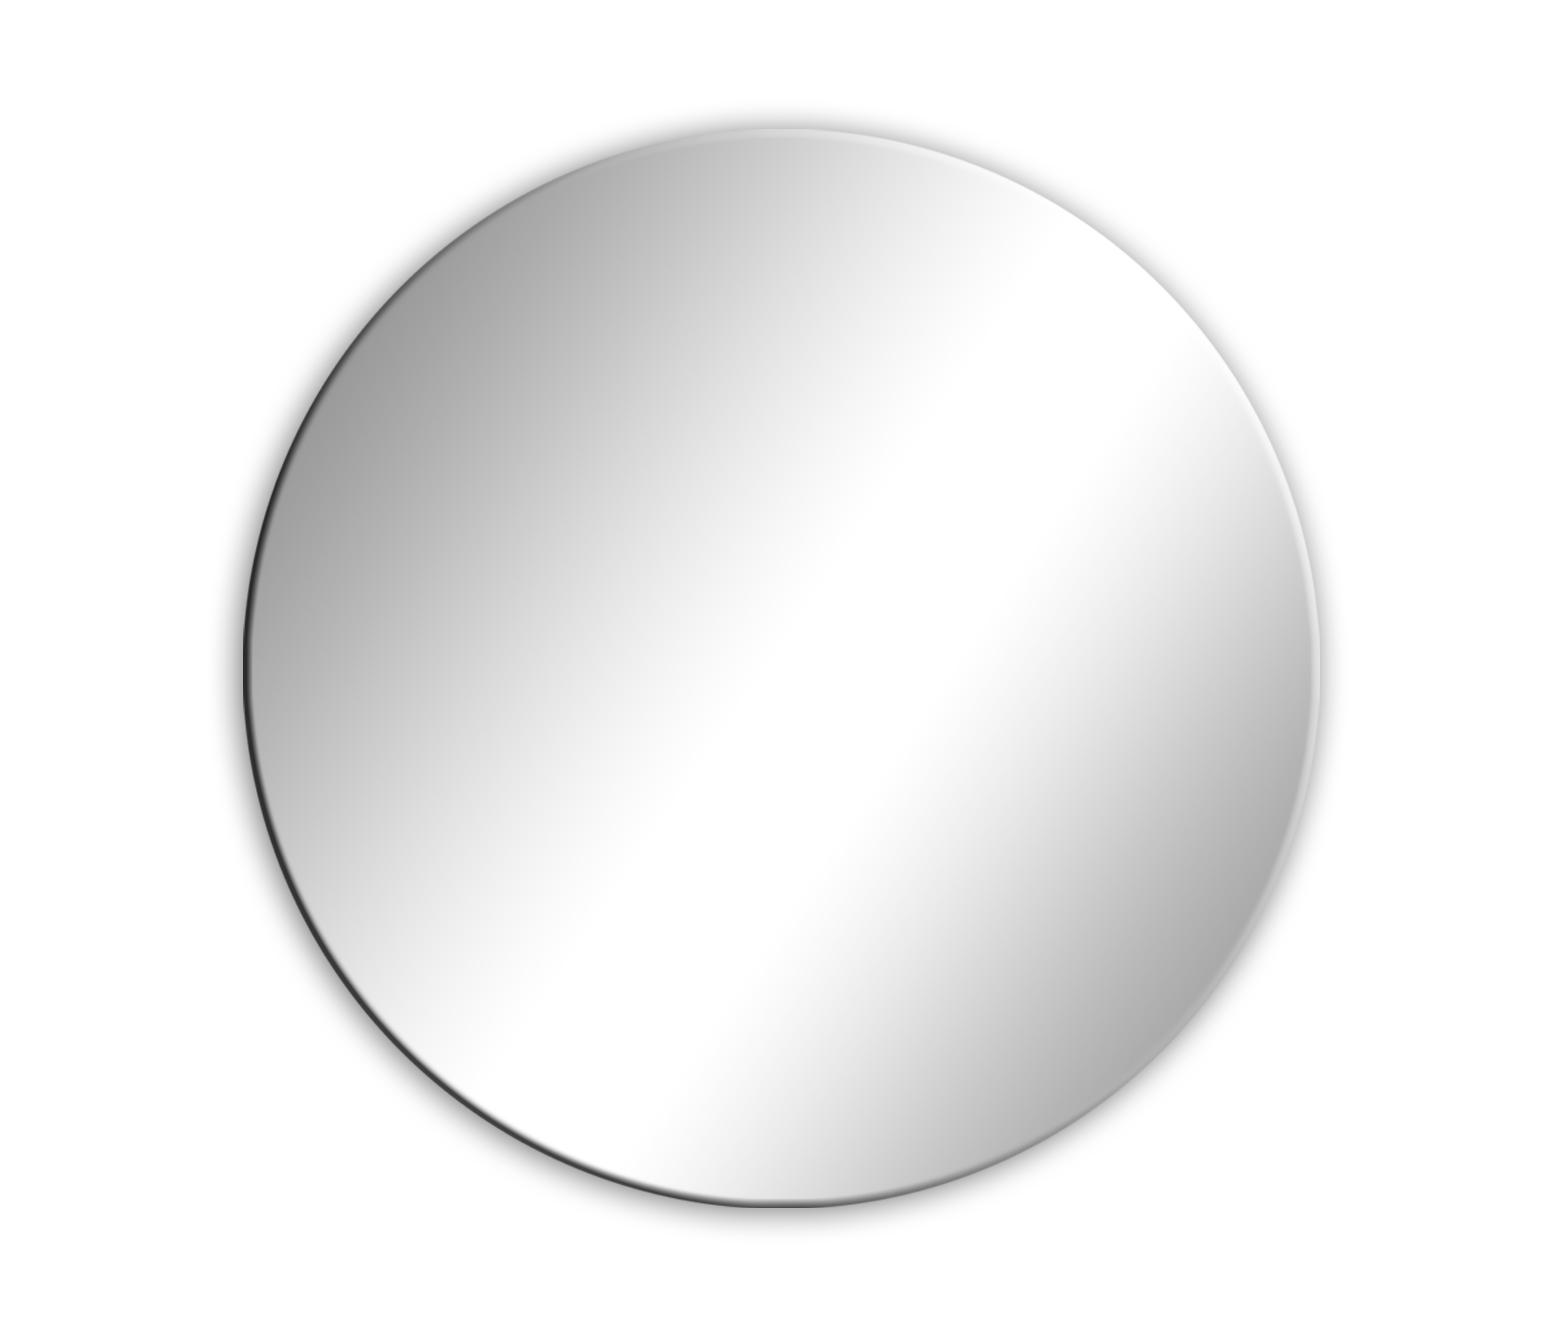 ZRKADLO 70x70 kruhu okolo kužeľa, rôzne veľkosti